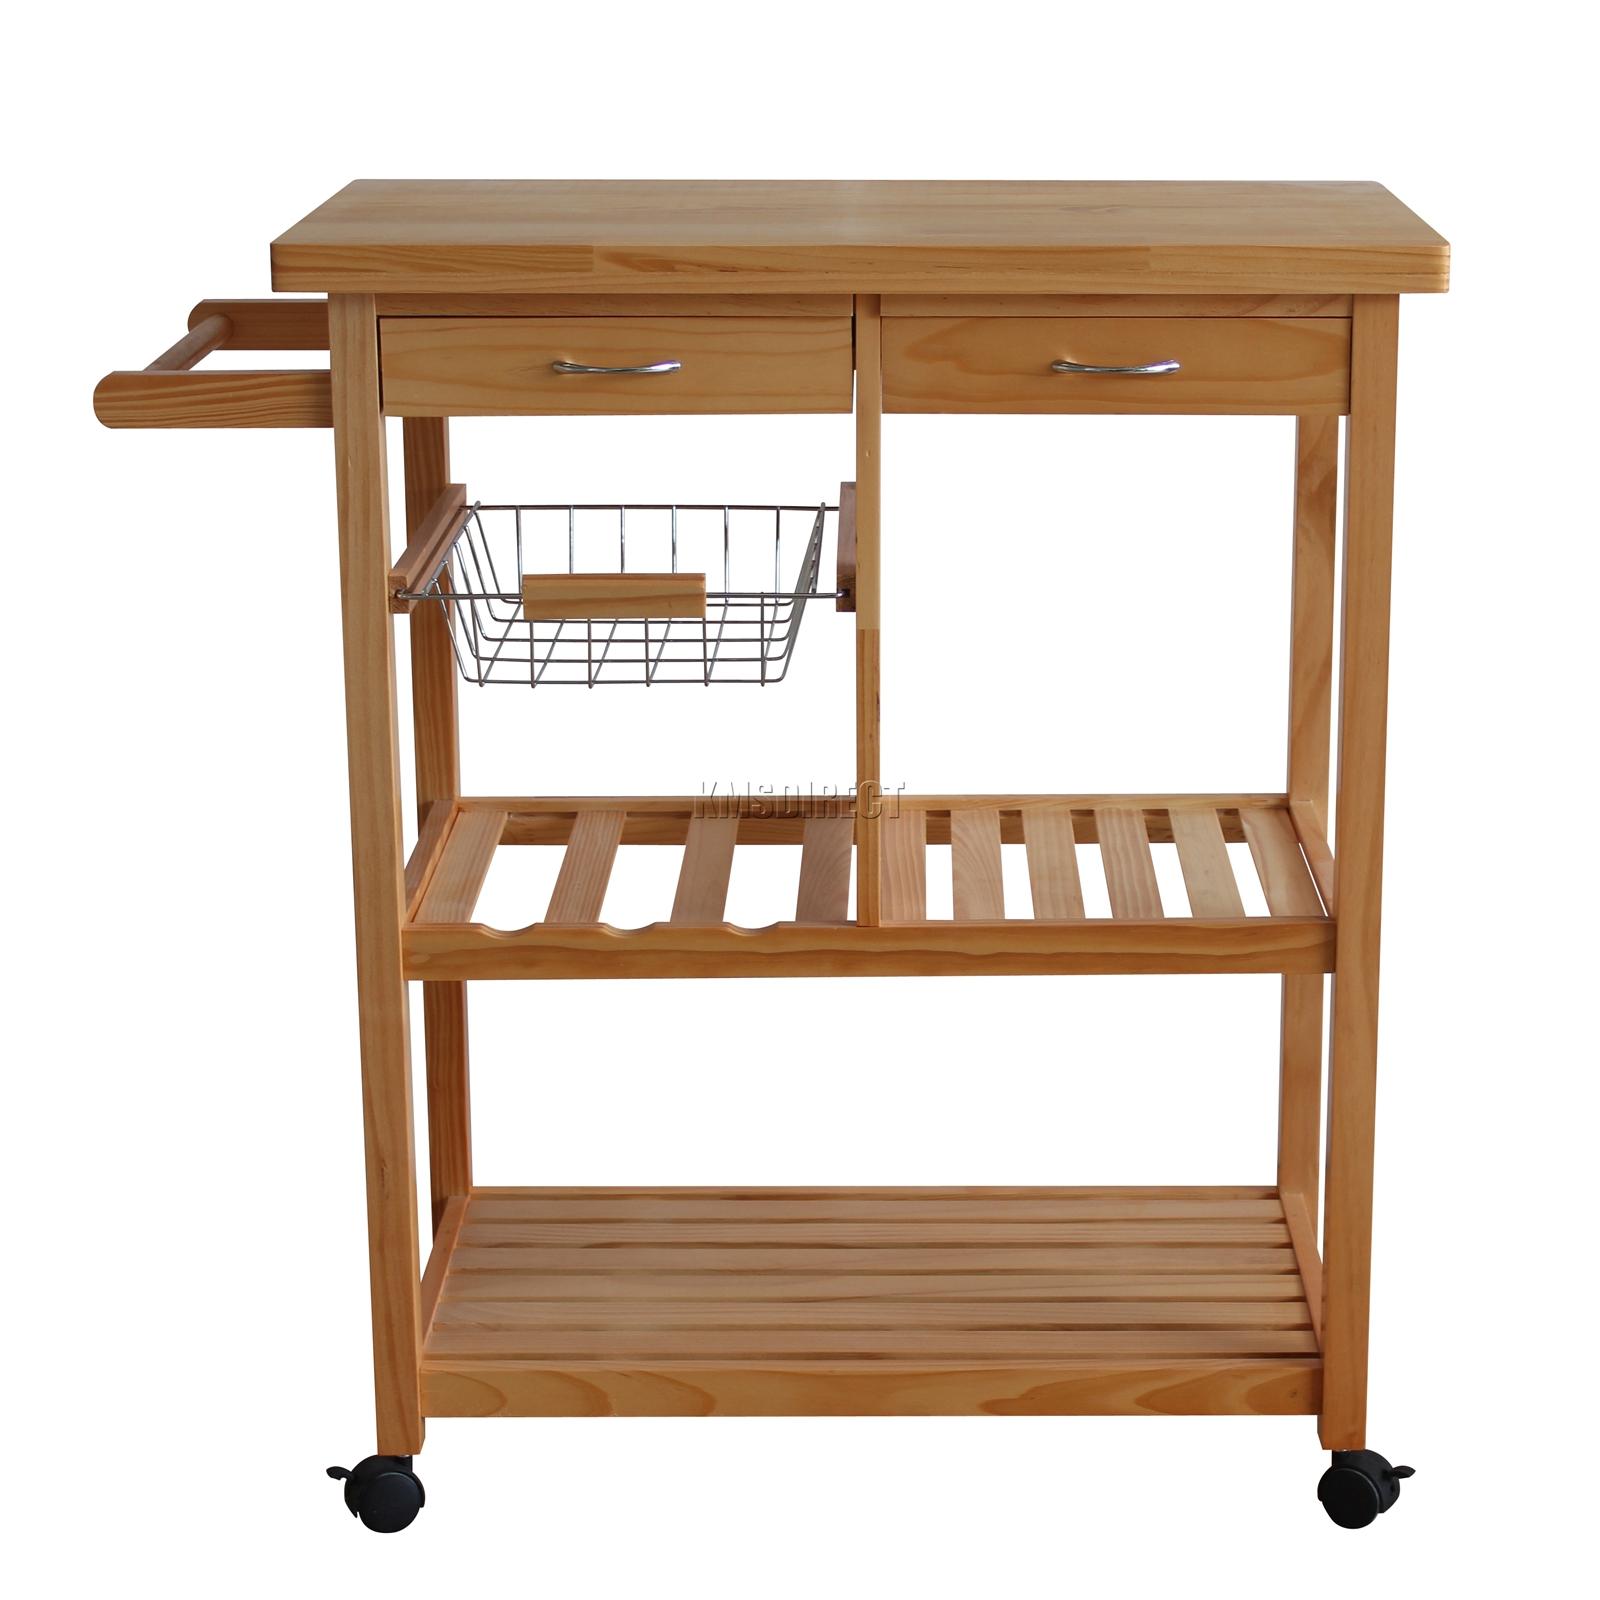 Kitchen Island On Wheels Uk: FoxHunter Kitchen Trolley Island Wooden Wine Storage Rack